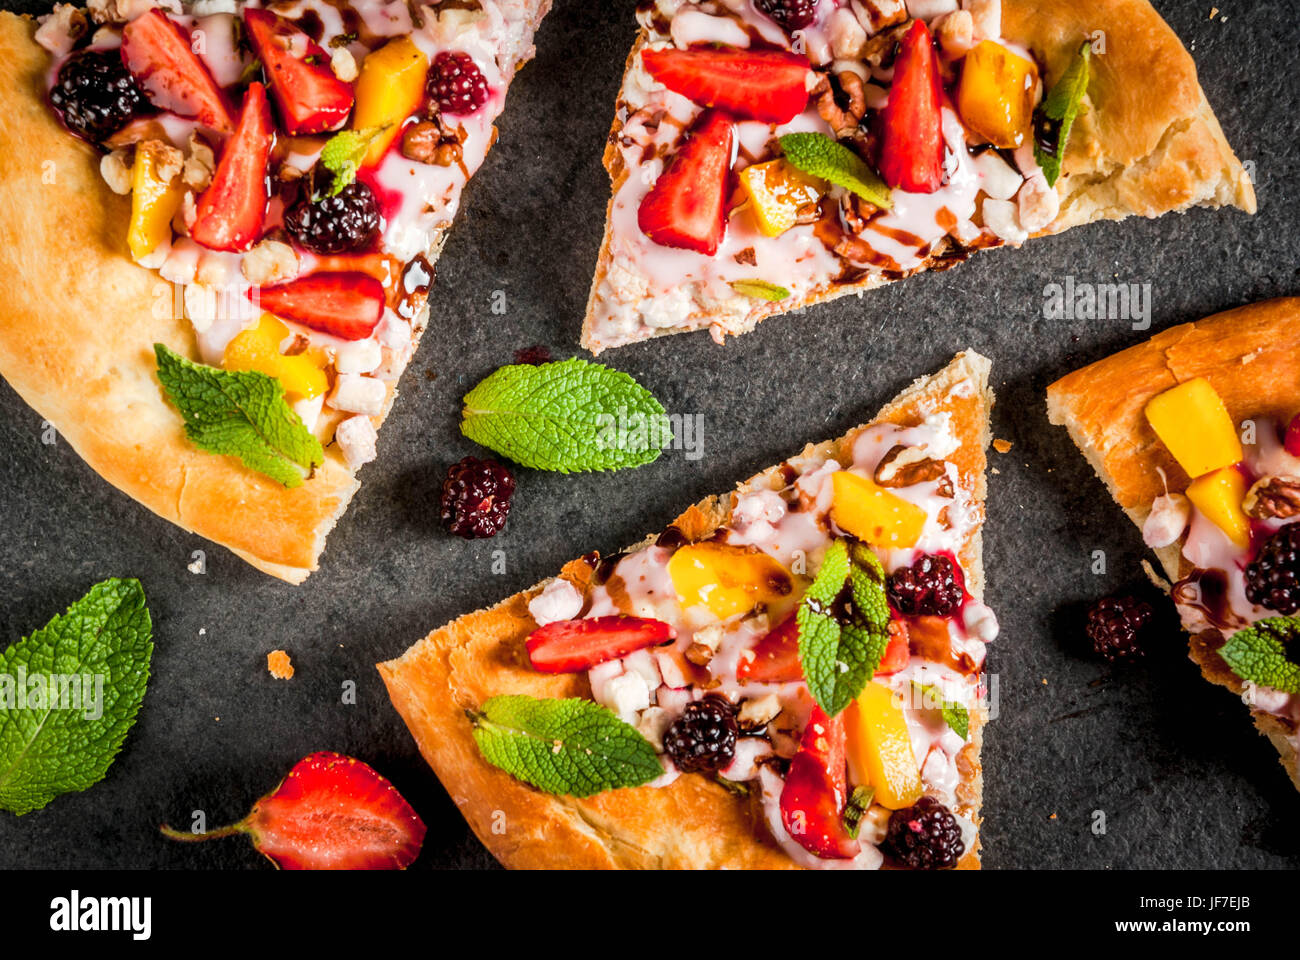 Aperitivos de verano. Alimentos para la fiesta. Pizza de frutas con crema, yogur, grosellas, fresas, mango, melocotones, Imagen De Stock